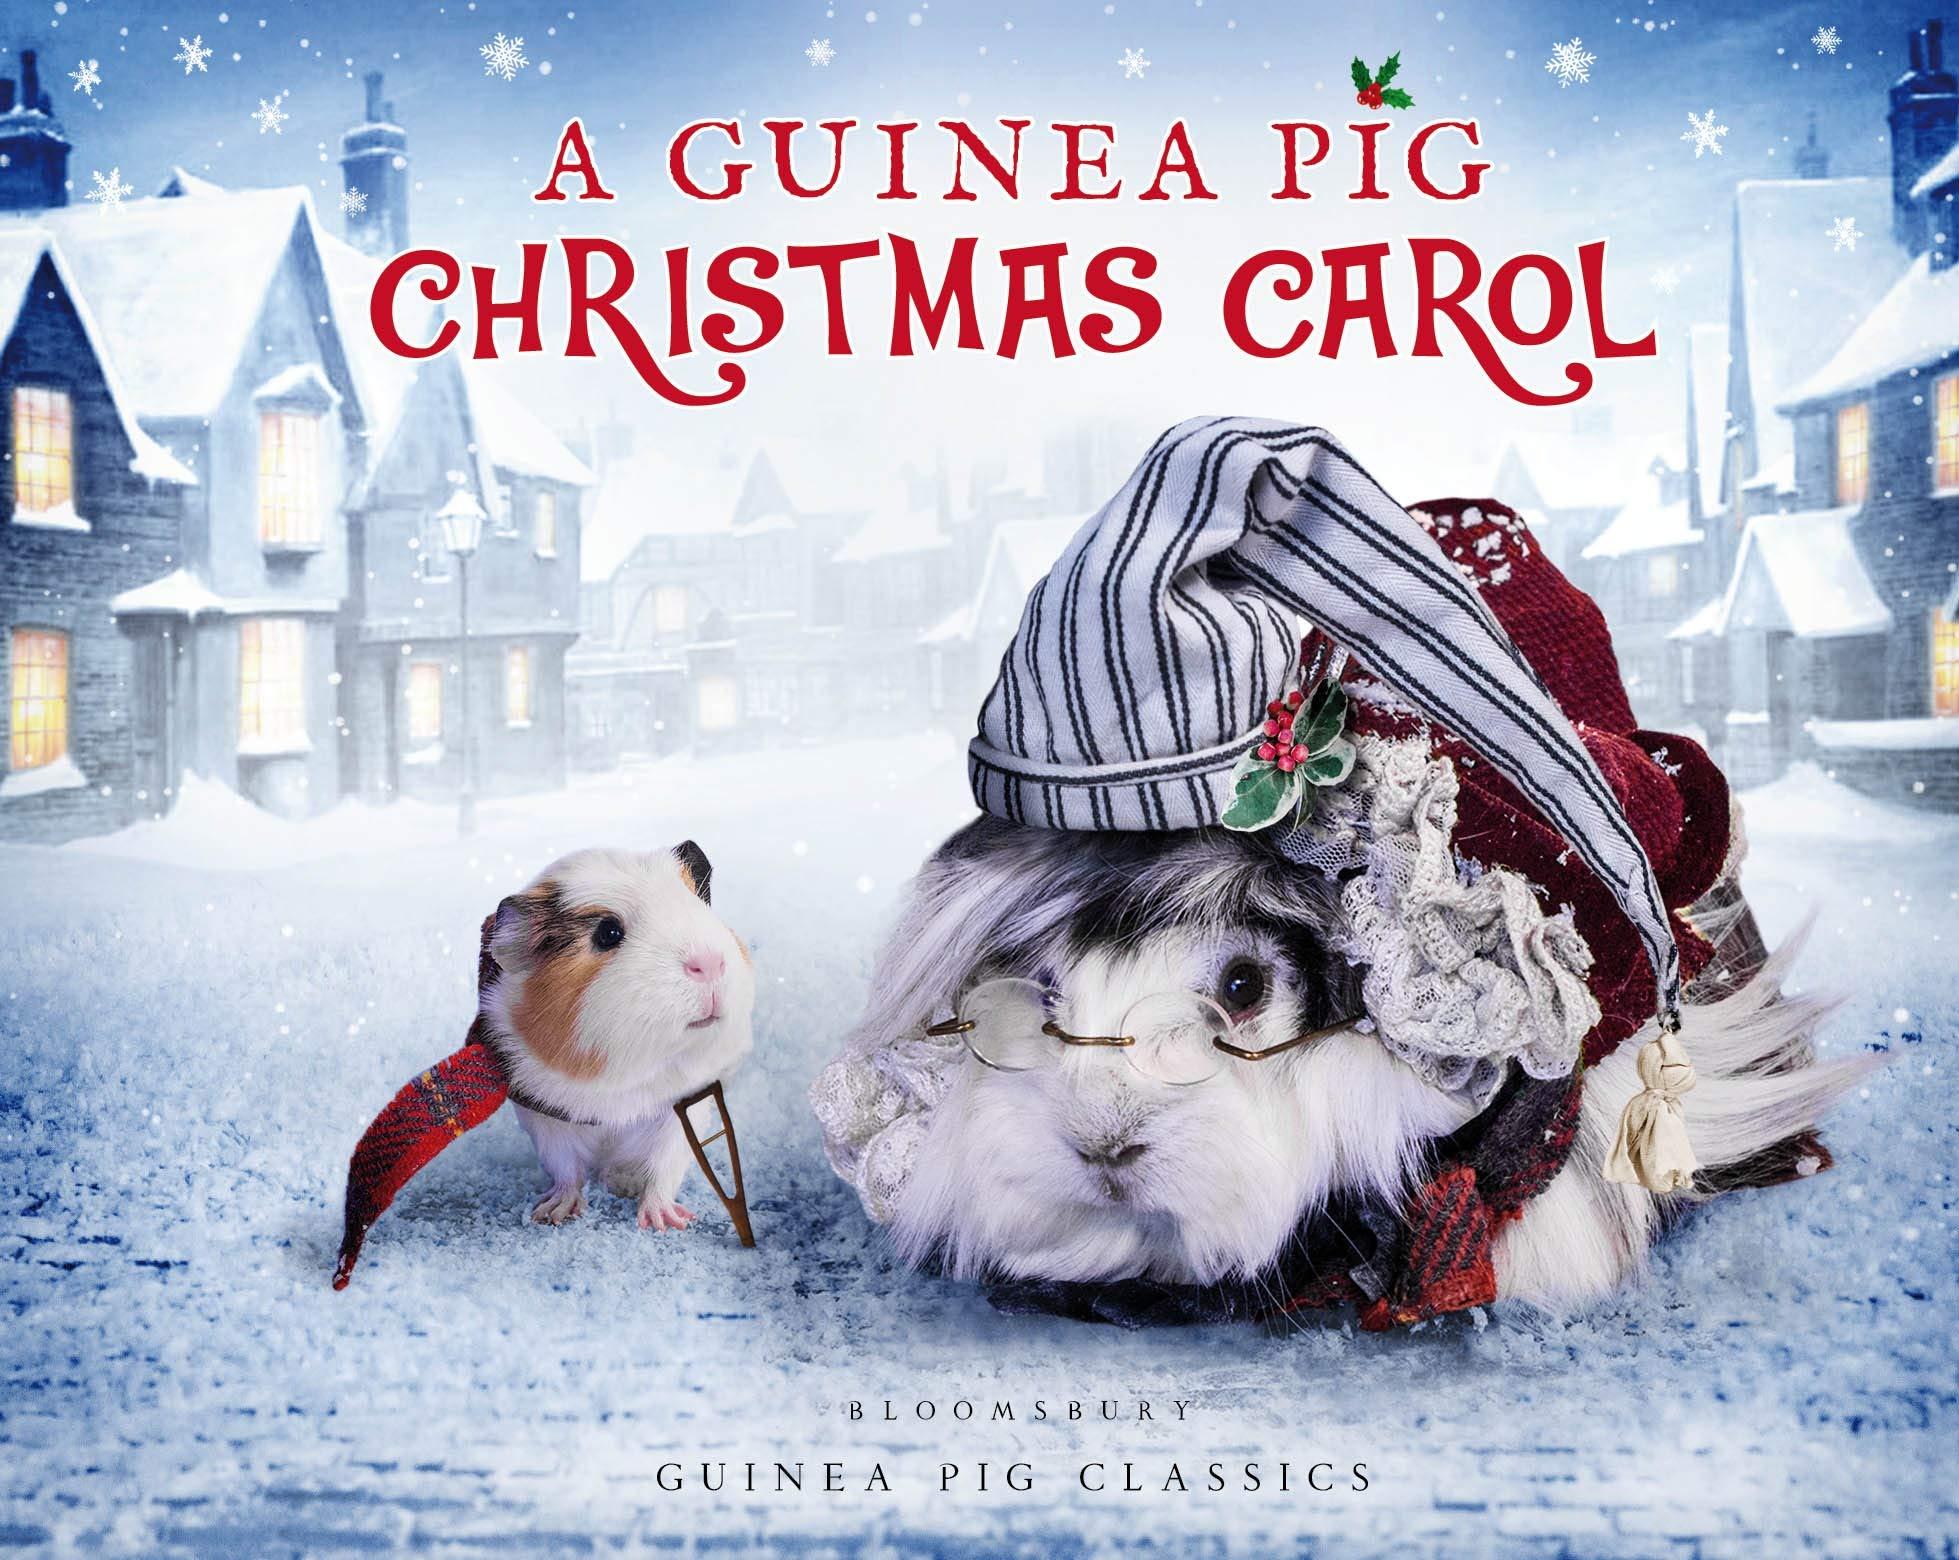 Christmas Carrol.A Guinea Pig Christmas Carol Guinea Pig Classics Amazon